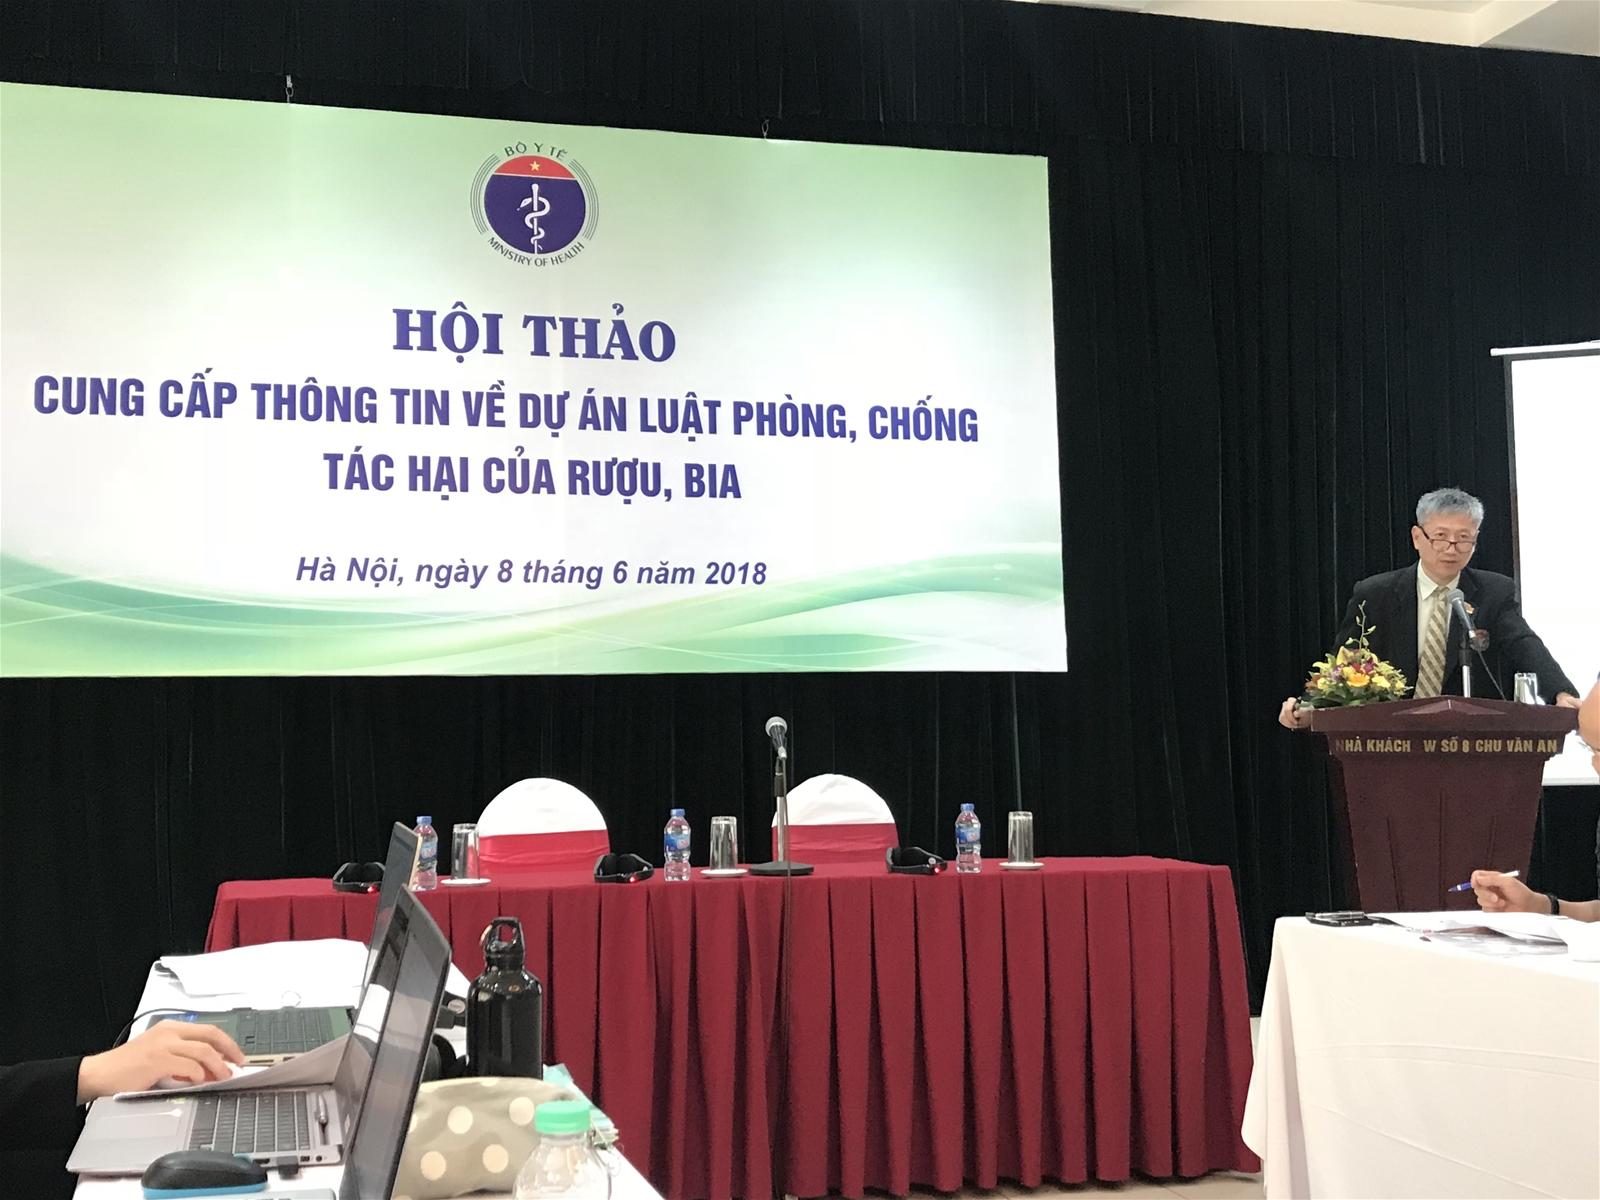 Việt Nam tiêu thụ rượu bia thứ 3 châu Á, cần tăng thuế để giảm tiêu thụ